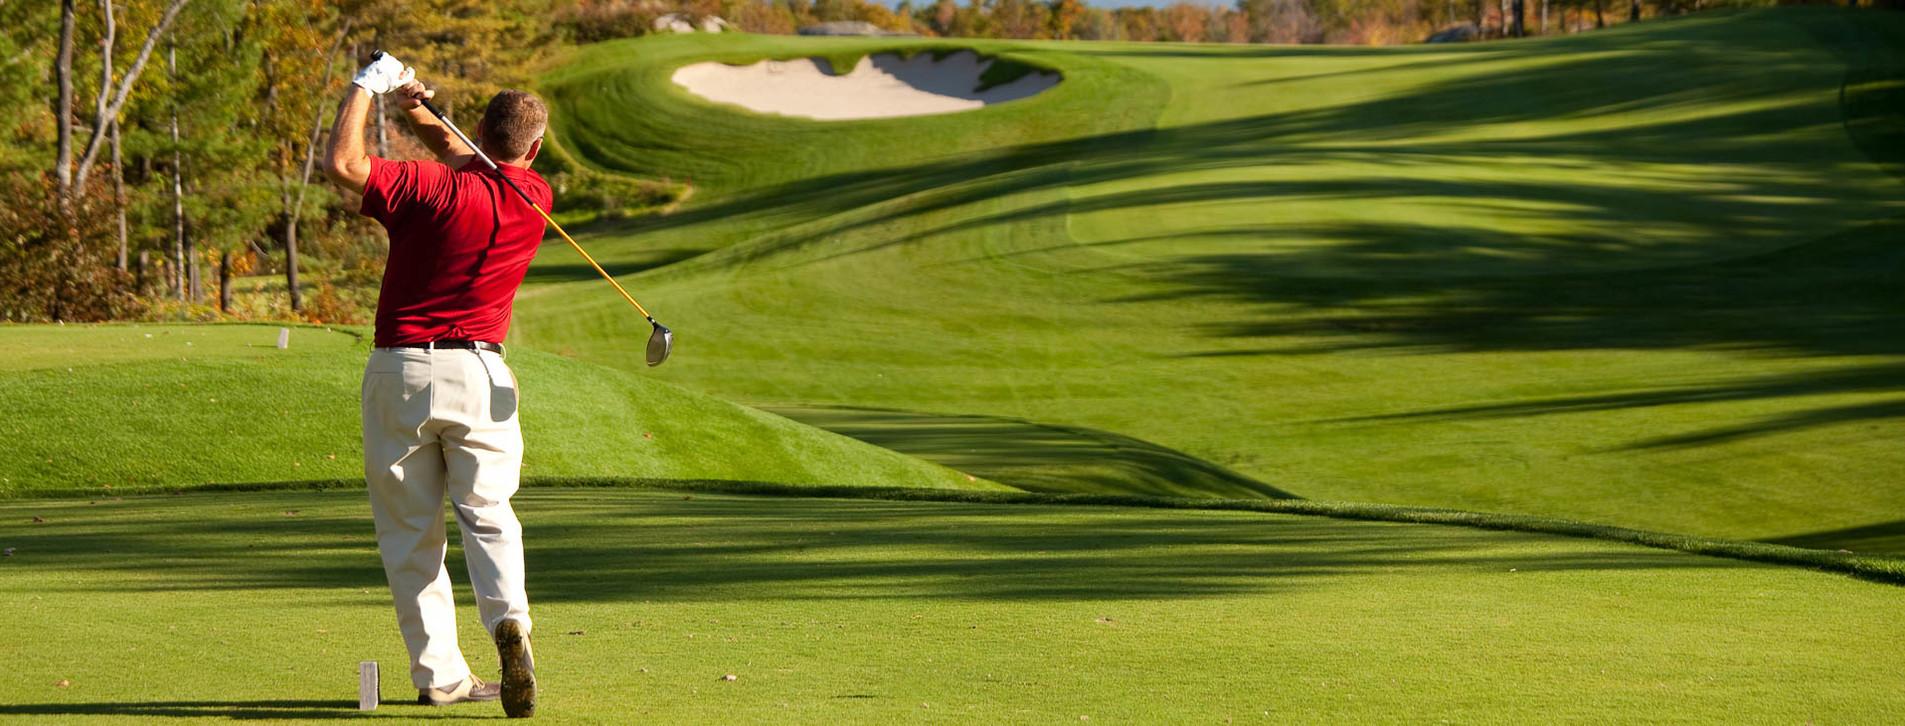 Фото 1 - День в гольф-клубе